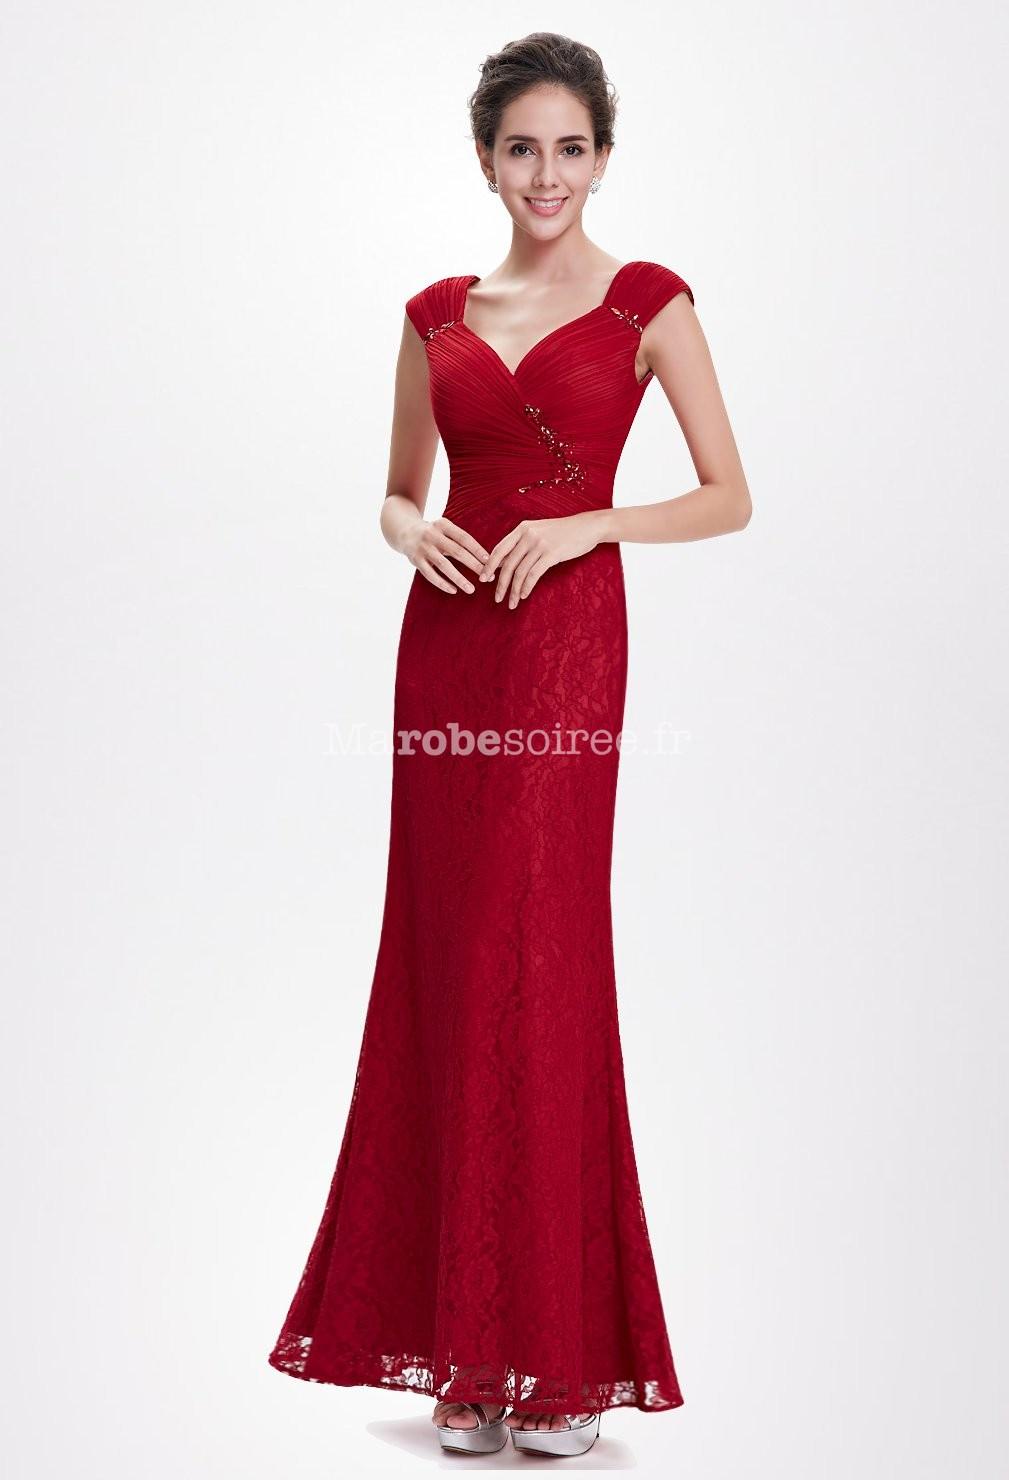 Modele robe de soiree rouge